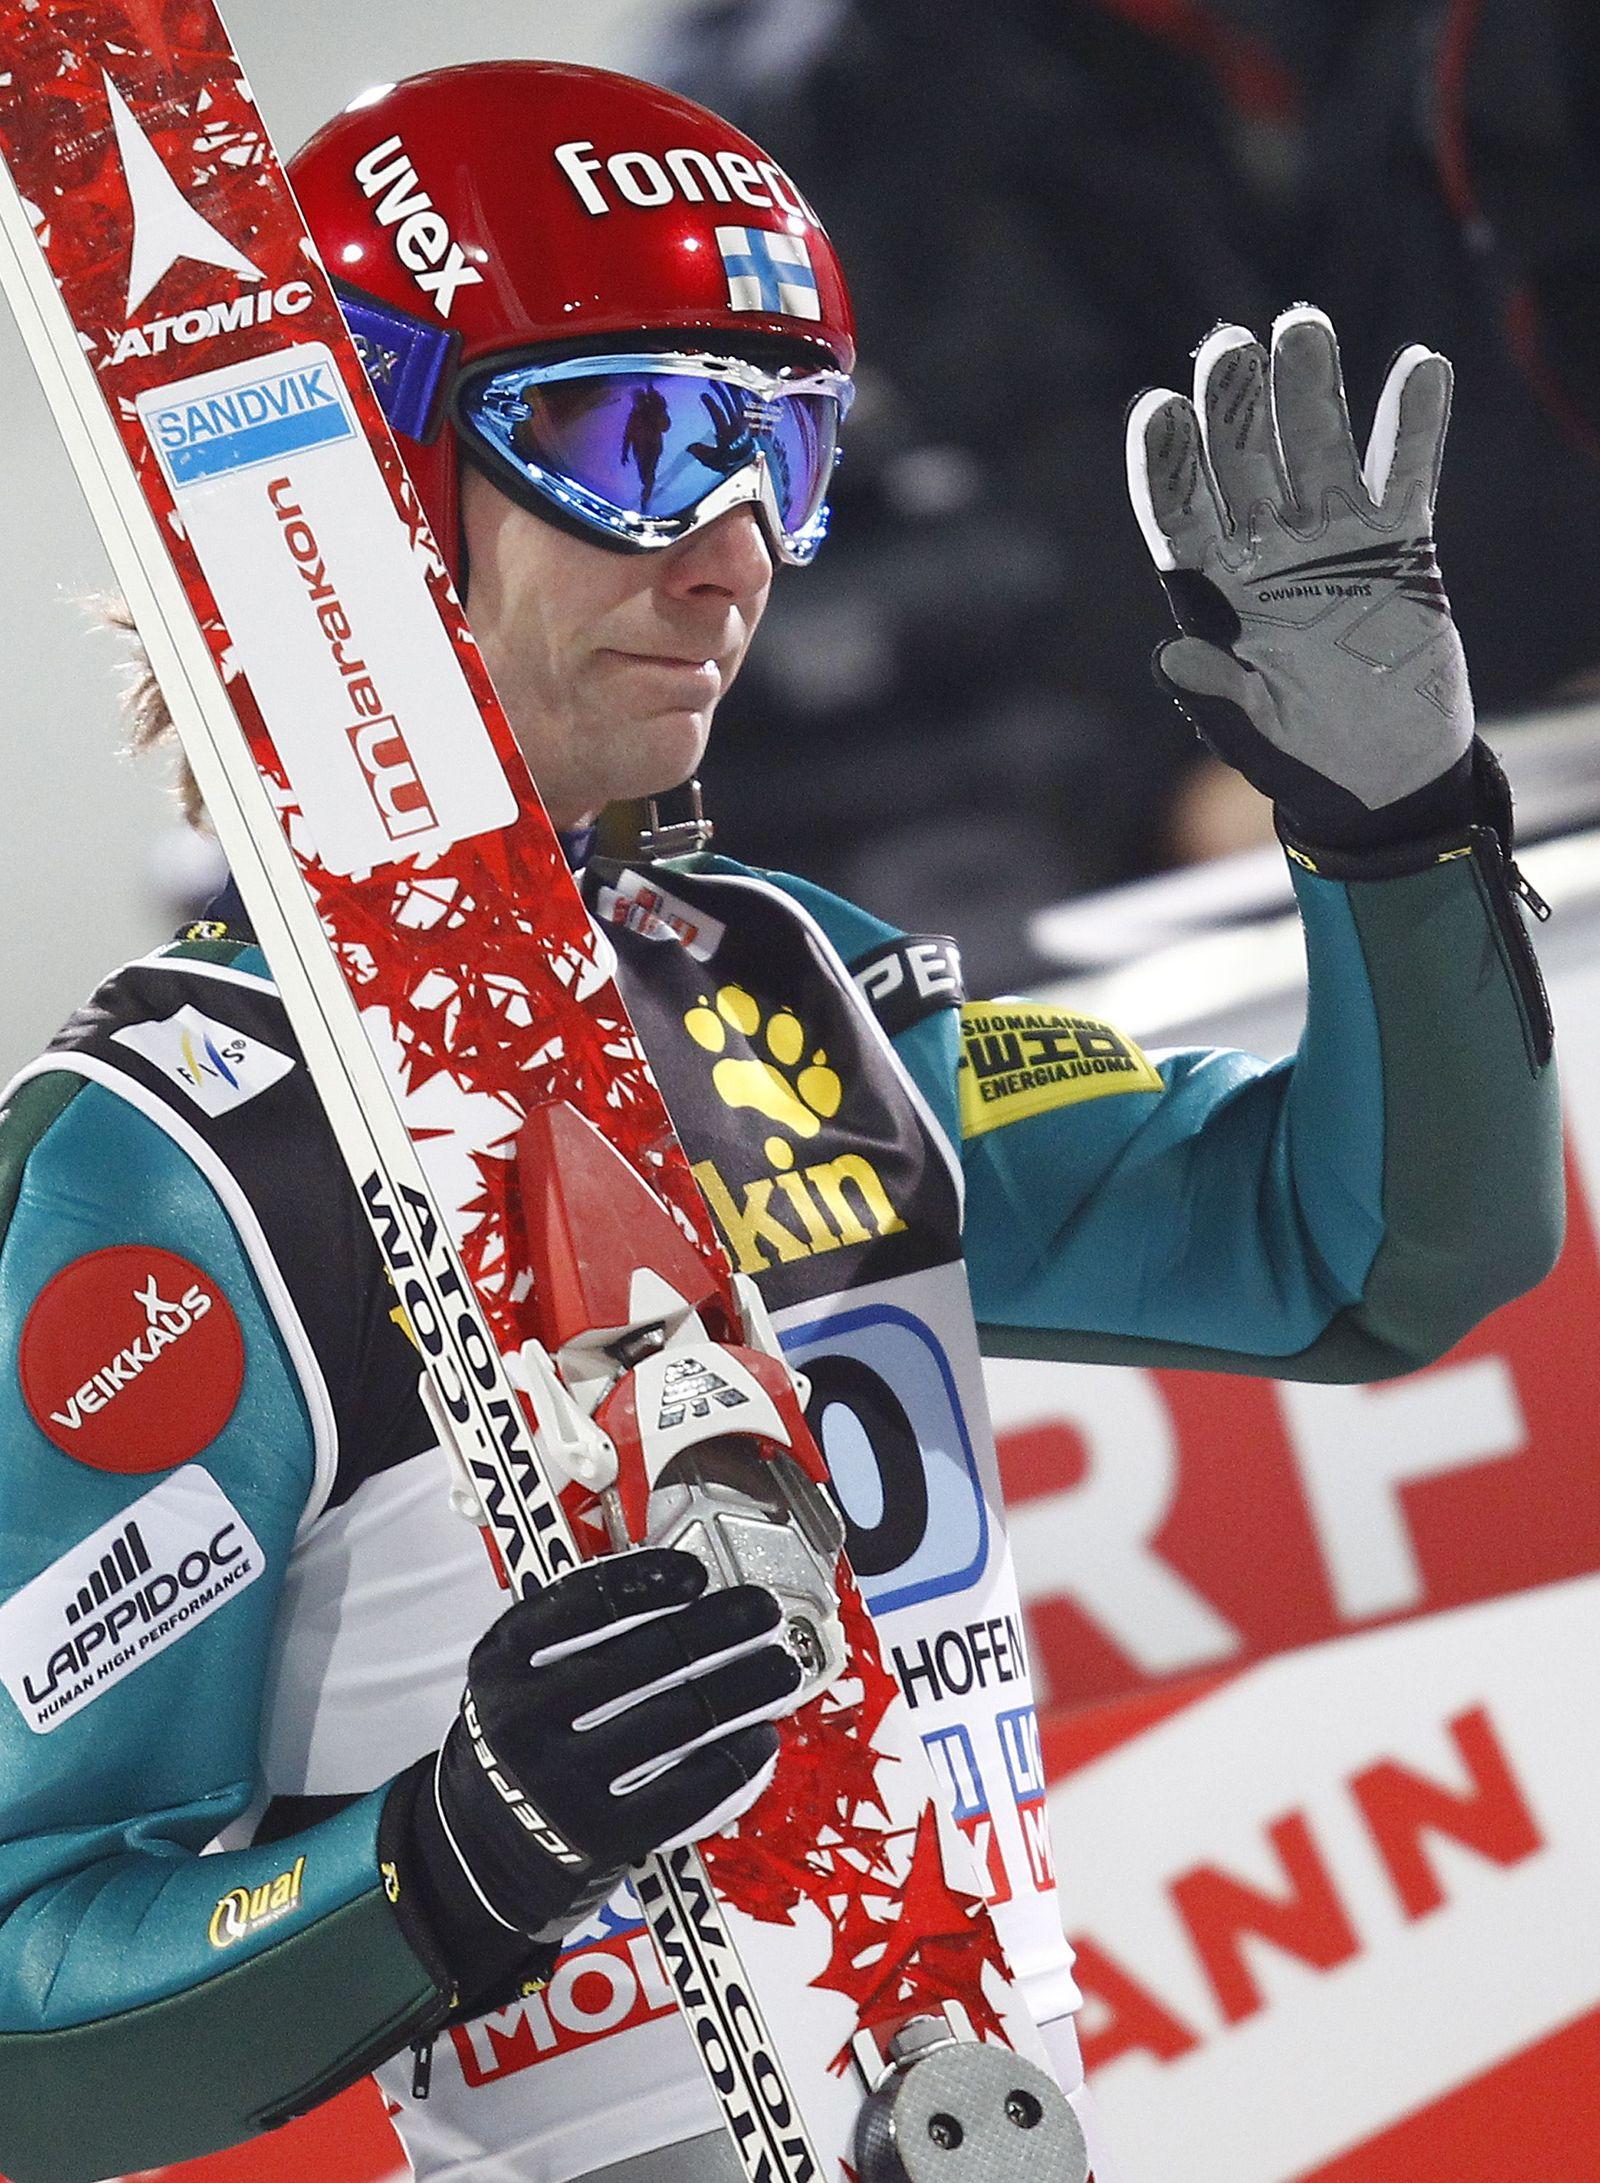 Skispringer / Finnland / Janne Ahonen